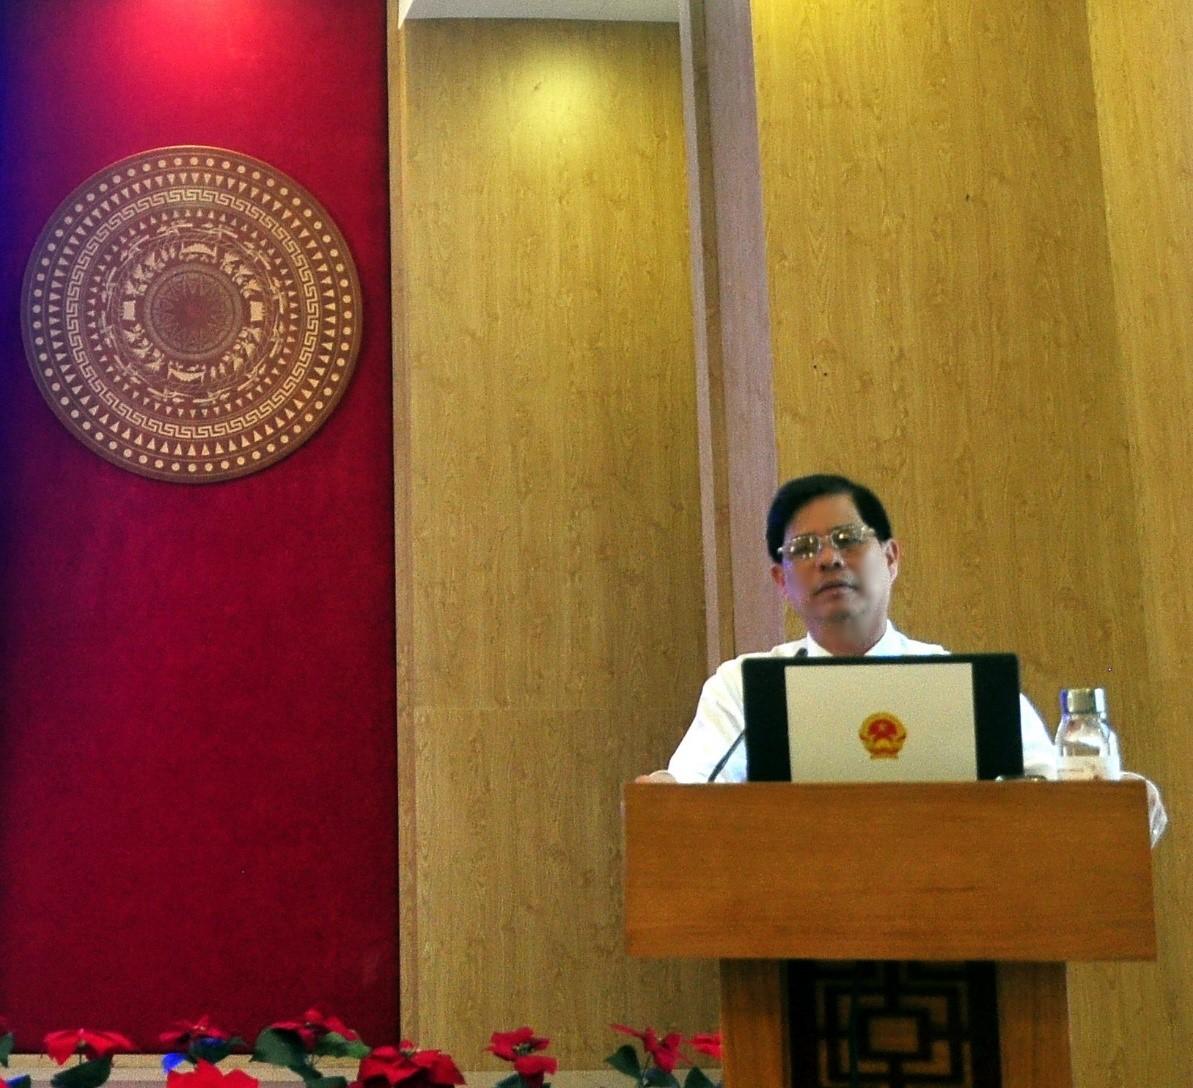 Ông Nguyễn Tấn Tuân, Chủ tịch UBND tỉnh Khánh Hòa phát biểu tại Họp Báo tình hình Kinh tế- xã Hội tỉnh Khánh Hòa